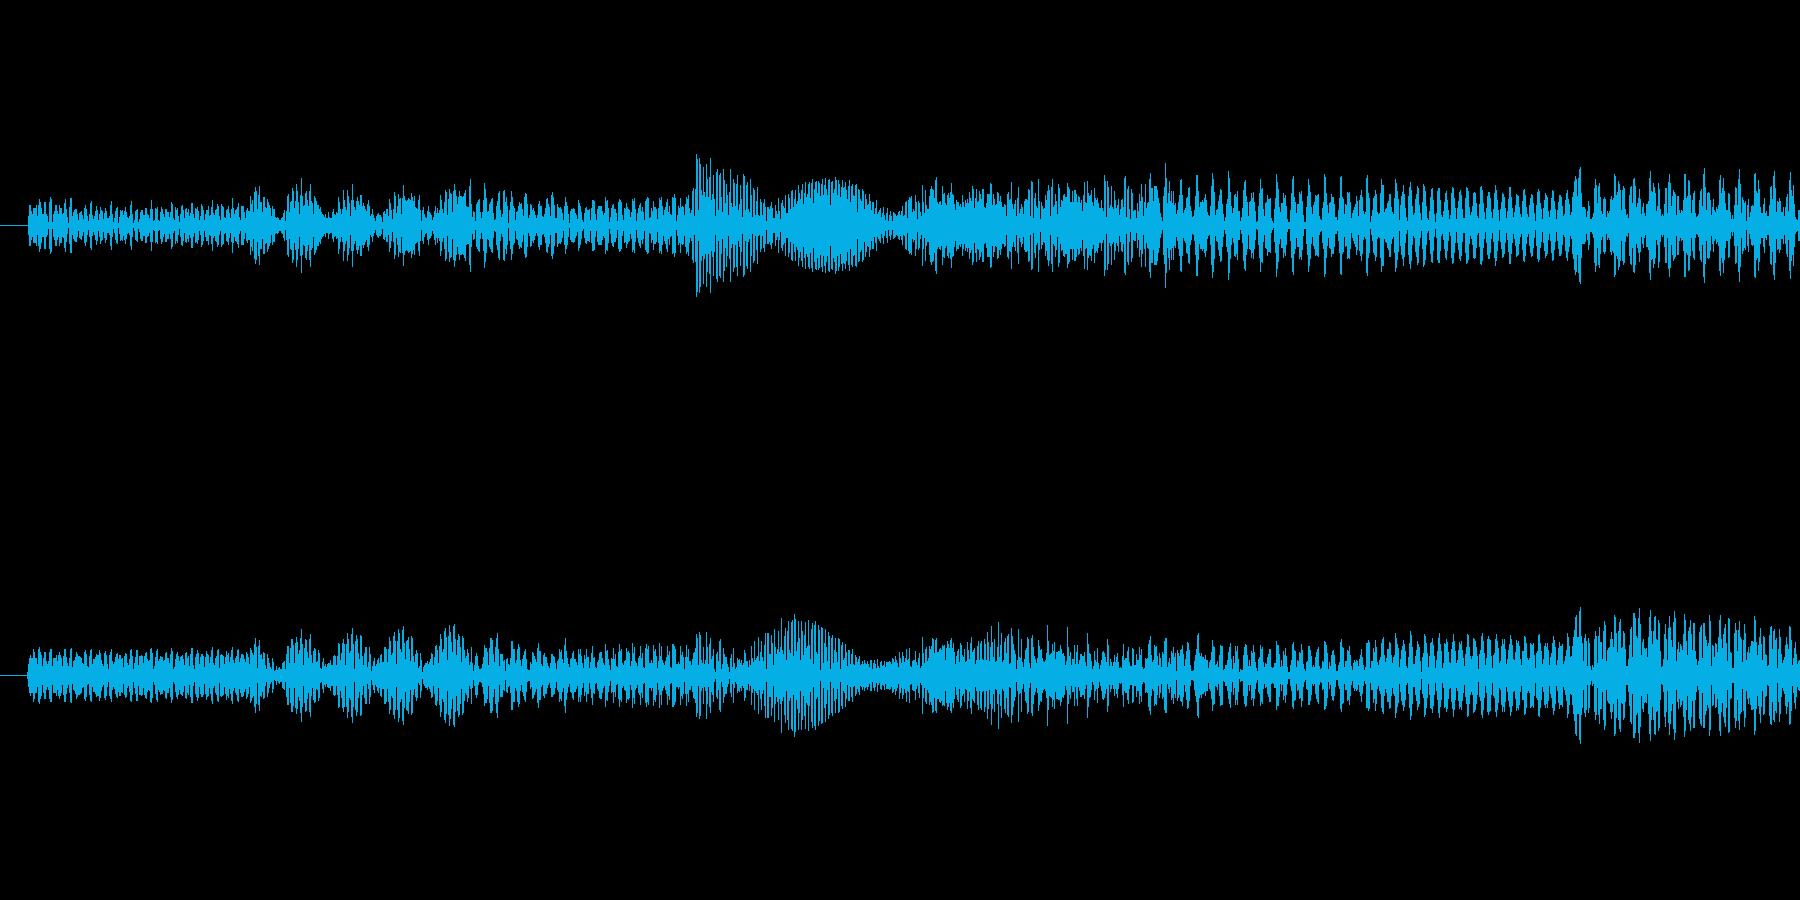 ピポパポ音(ノイズ)の再生済みの波形